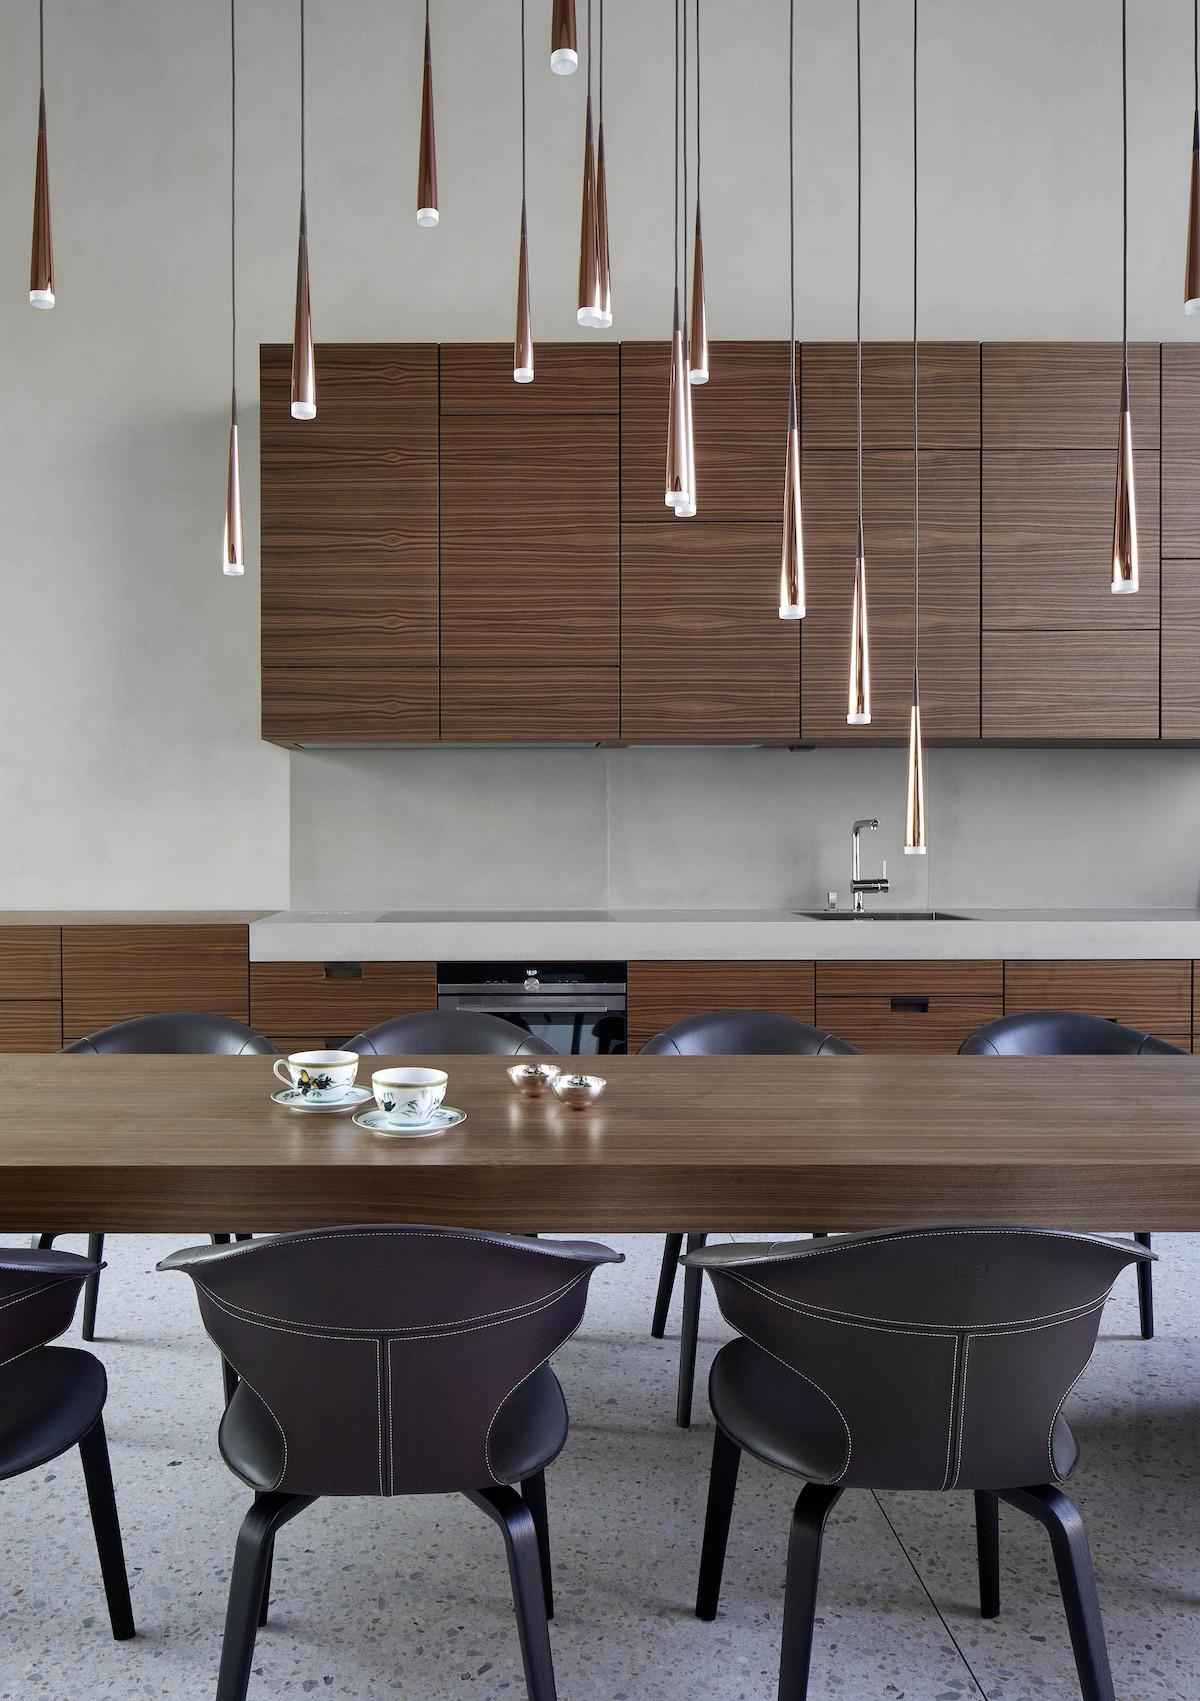 cuisine table à manger bois chaise marron cuir suspension cuivre blog déco